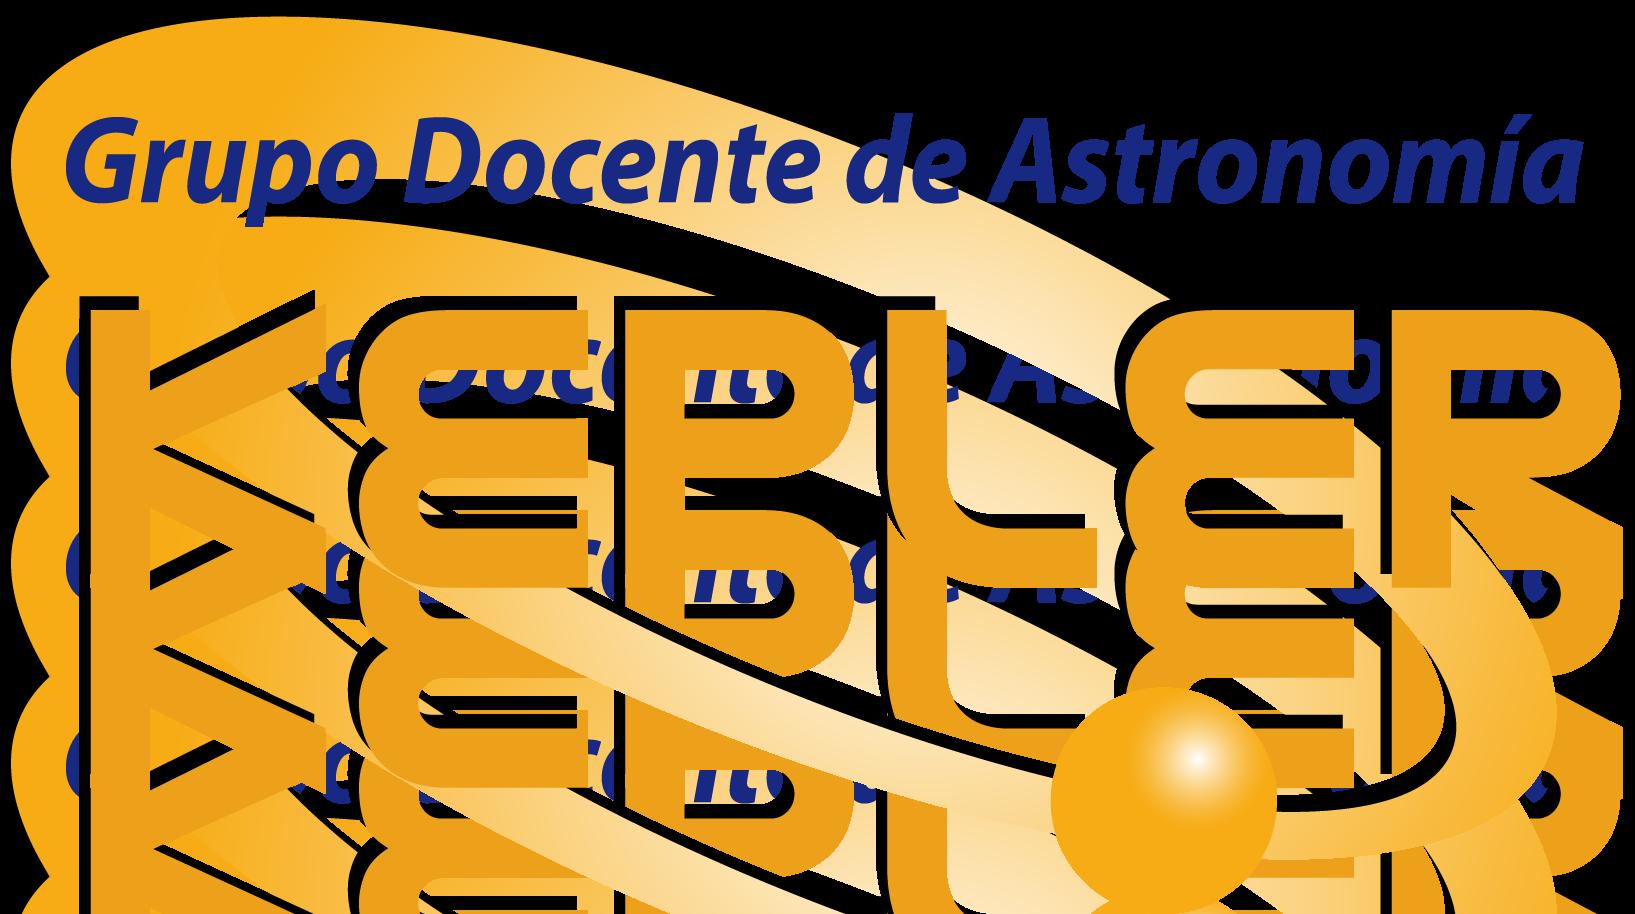 Grupo Kepler